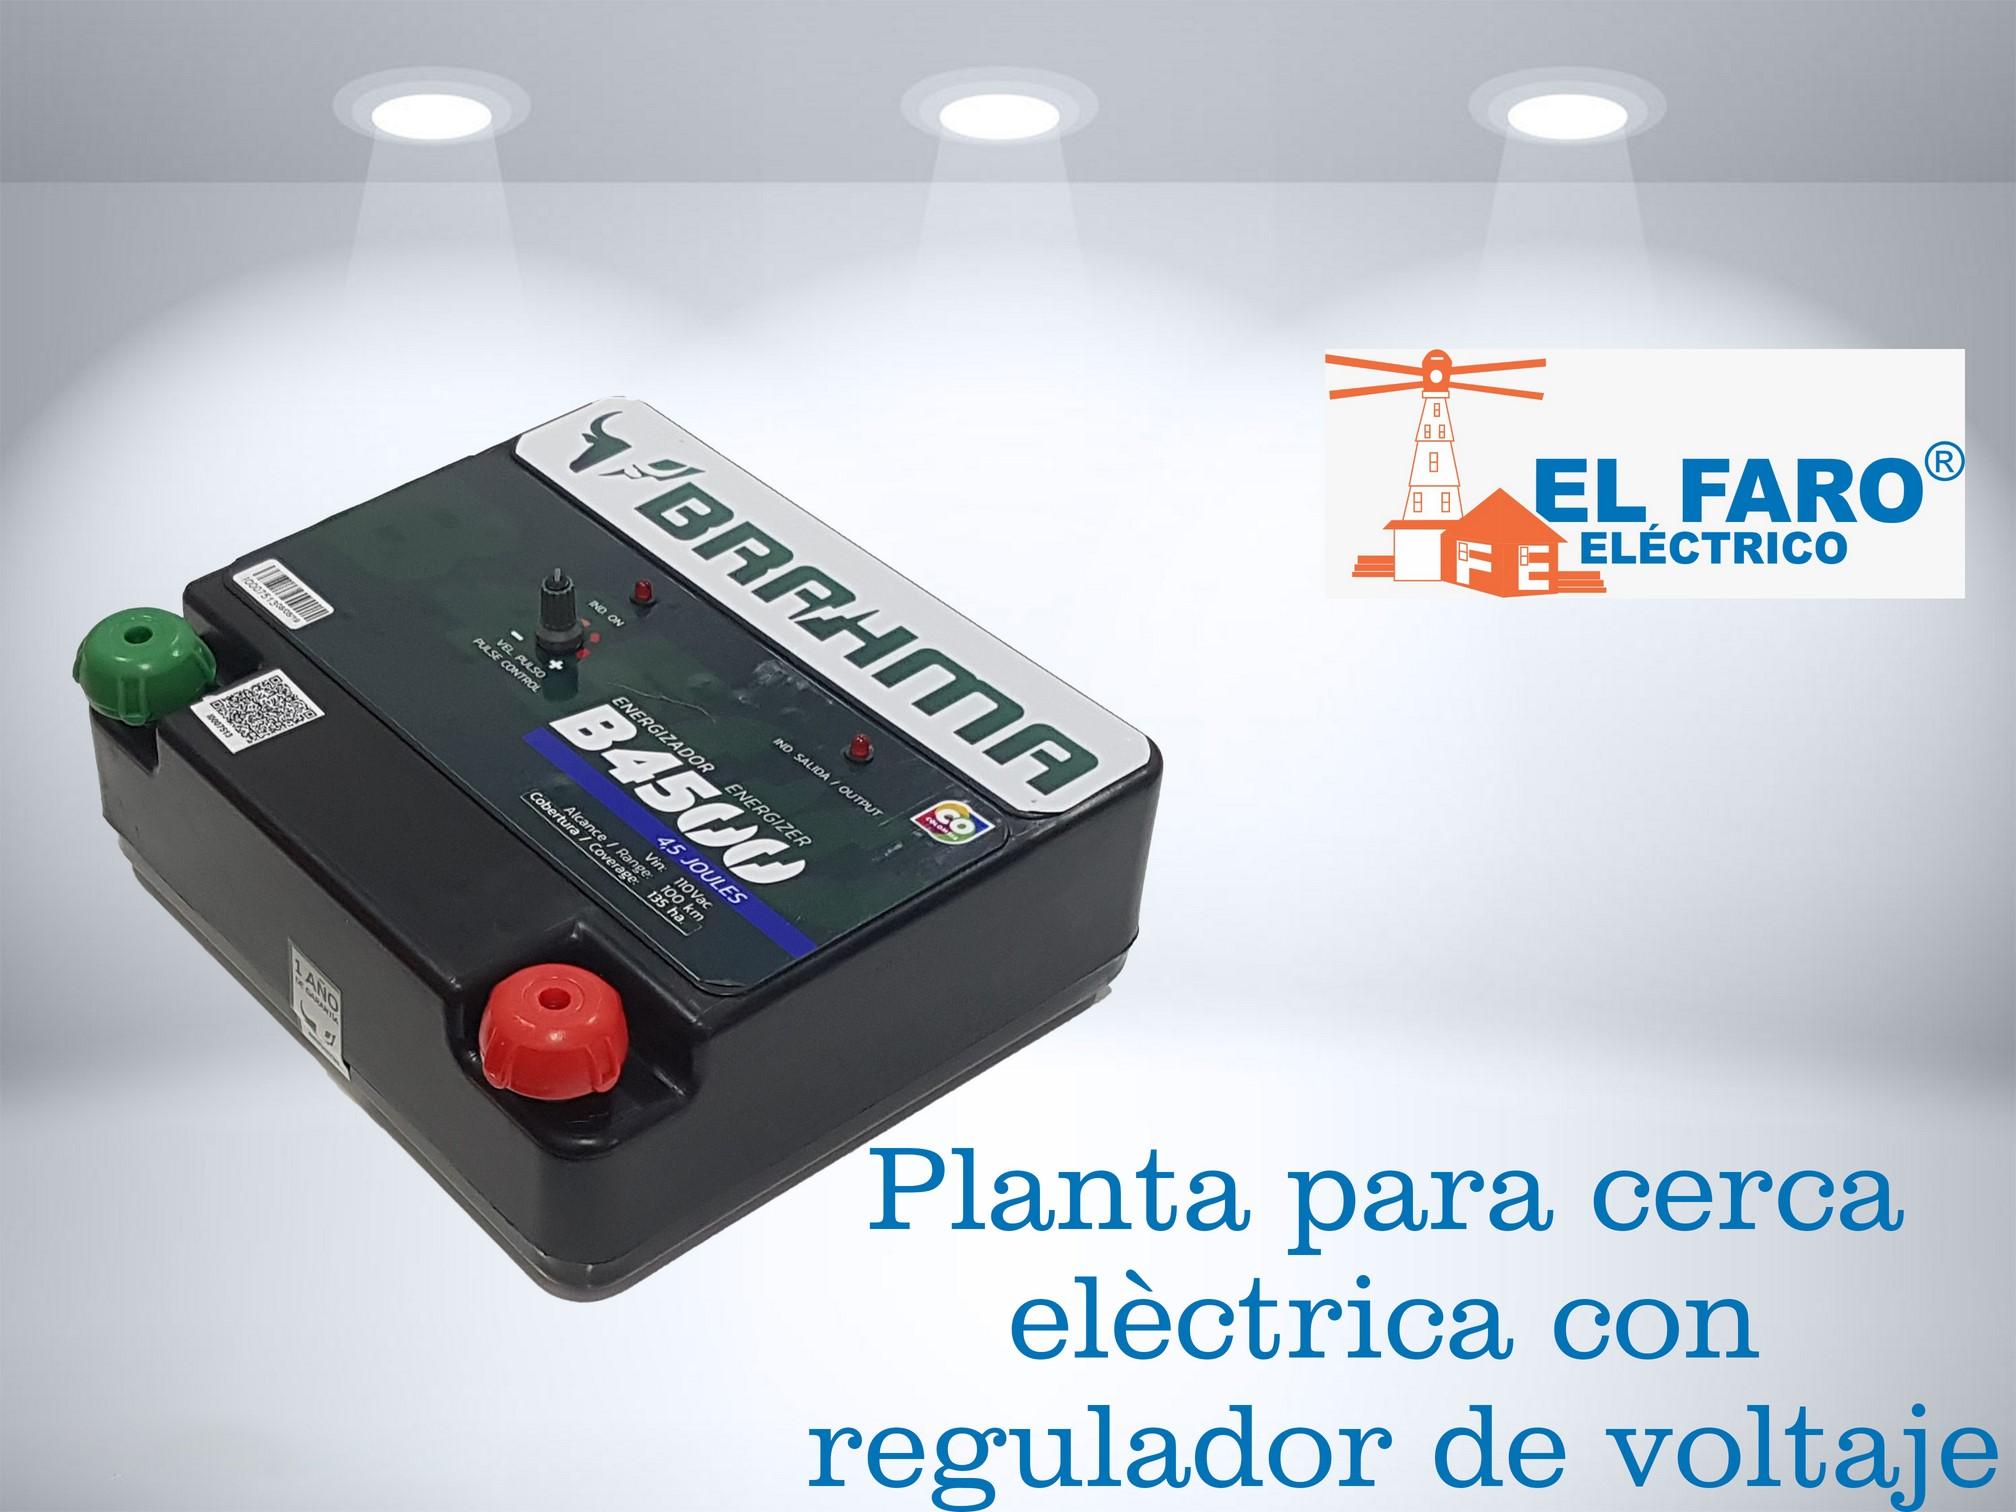 Planta para cerca eléctrica con regulador de voltaje